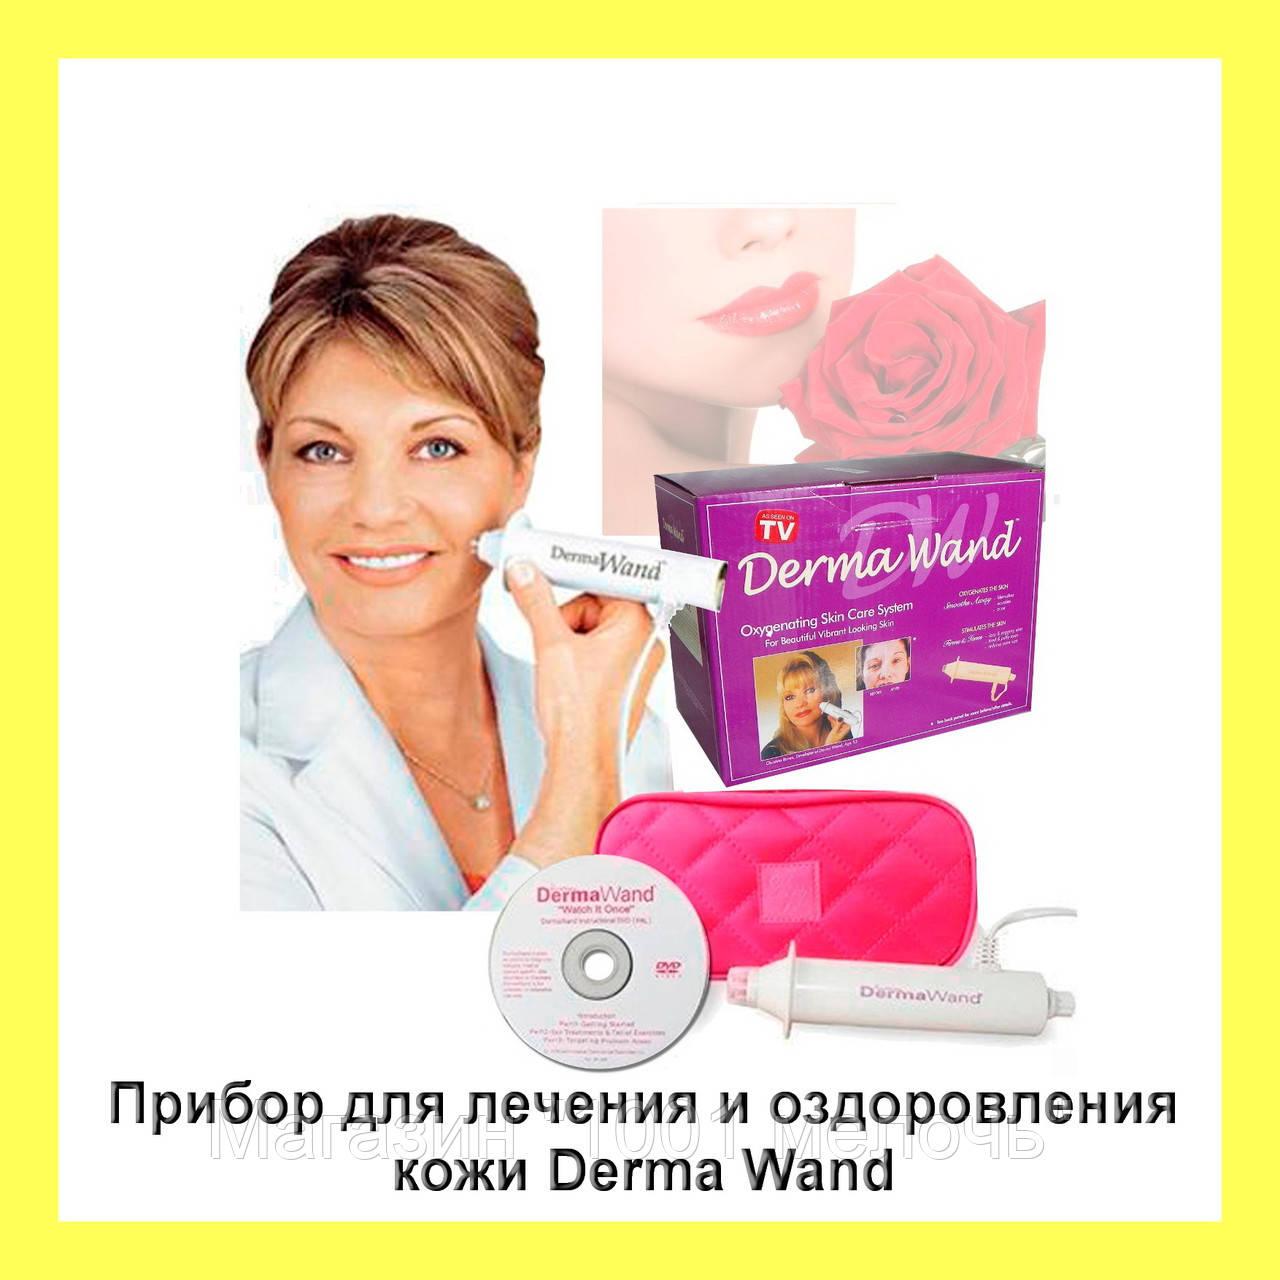 """Прибор для лечения и оздоровления кожи Derma Wand - Магазин """"1001 мелочь"""" в Измаиле"""